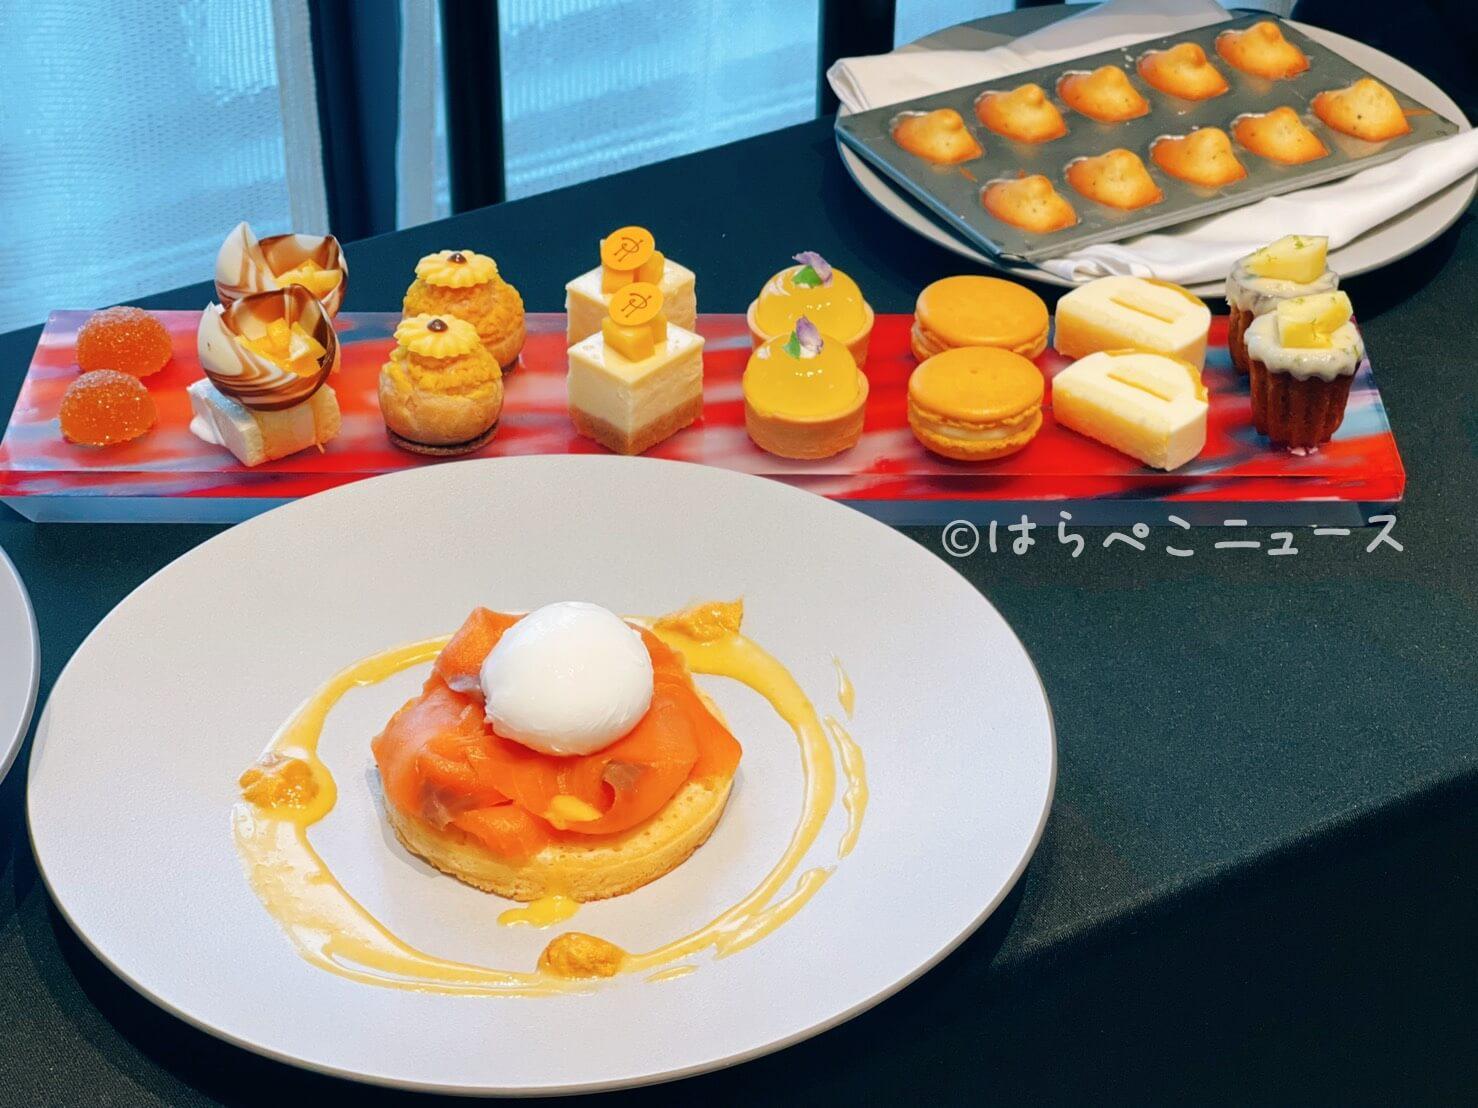 【実食レポ】『キンプトン新宿東京』でアートアフタヌーンティー!ピエール・エルメ・パリとコラボしたスイーツも